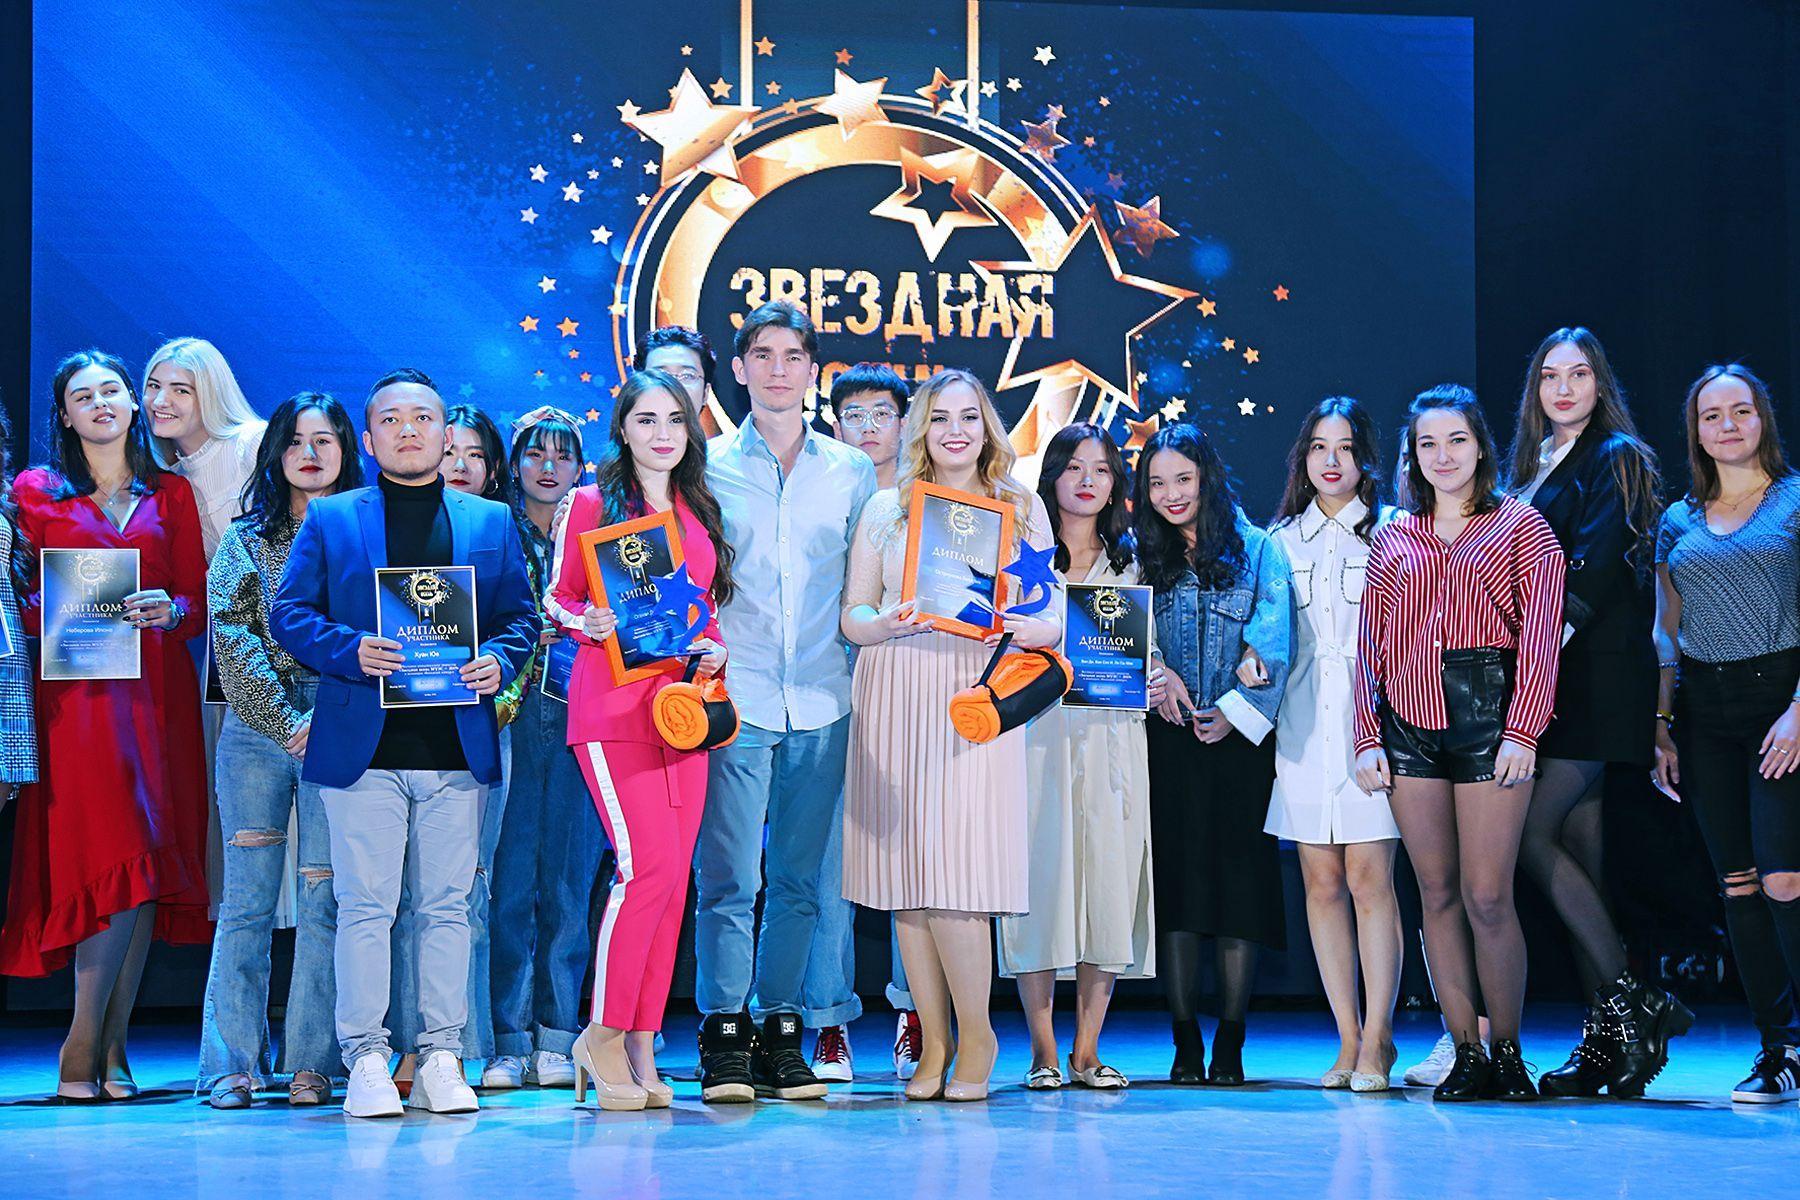 Гала-концерт фестиваля «Звездная осень — 2019» во ВГУЭС: яркие номера и награждение победителей